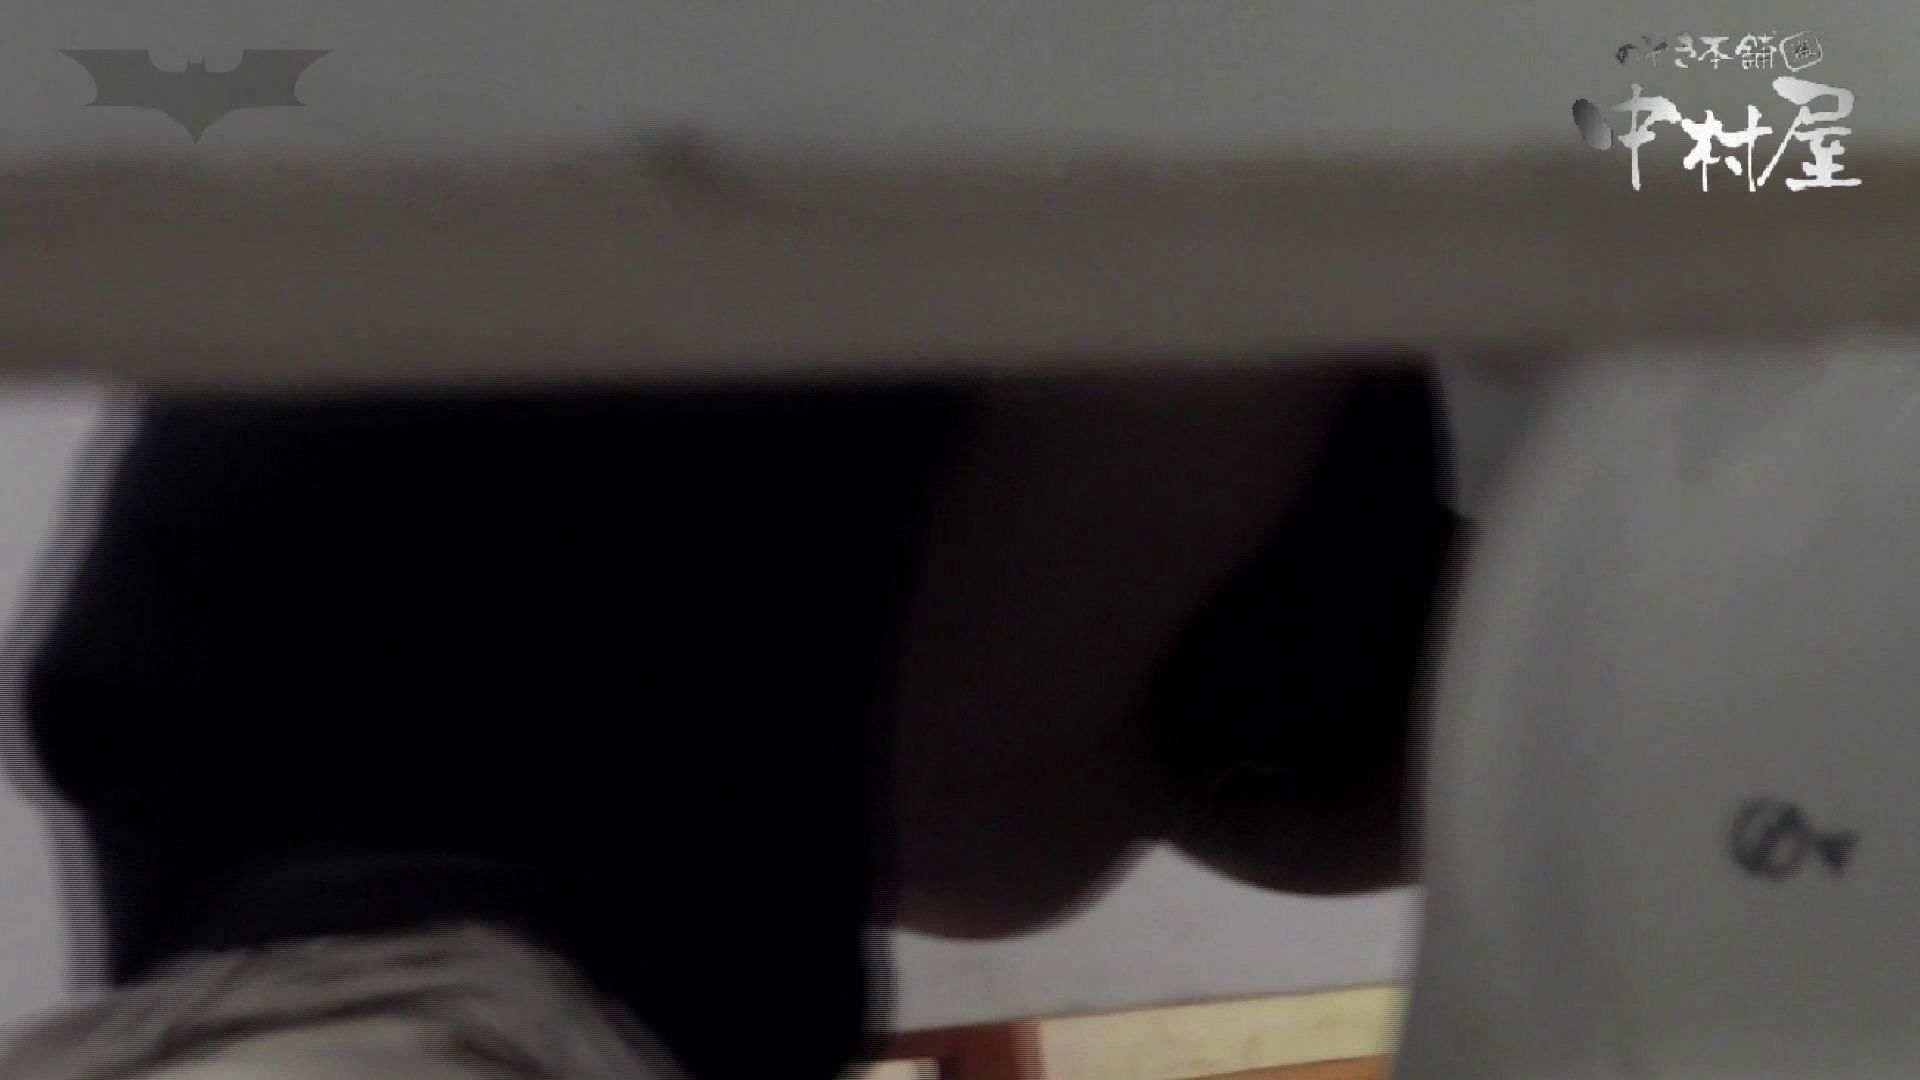 第三体育館潜入撮】第三体育館潜入撮File028 熟女特集!! バックショット 覗きぱこり動画紹介 96PICs 61